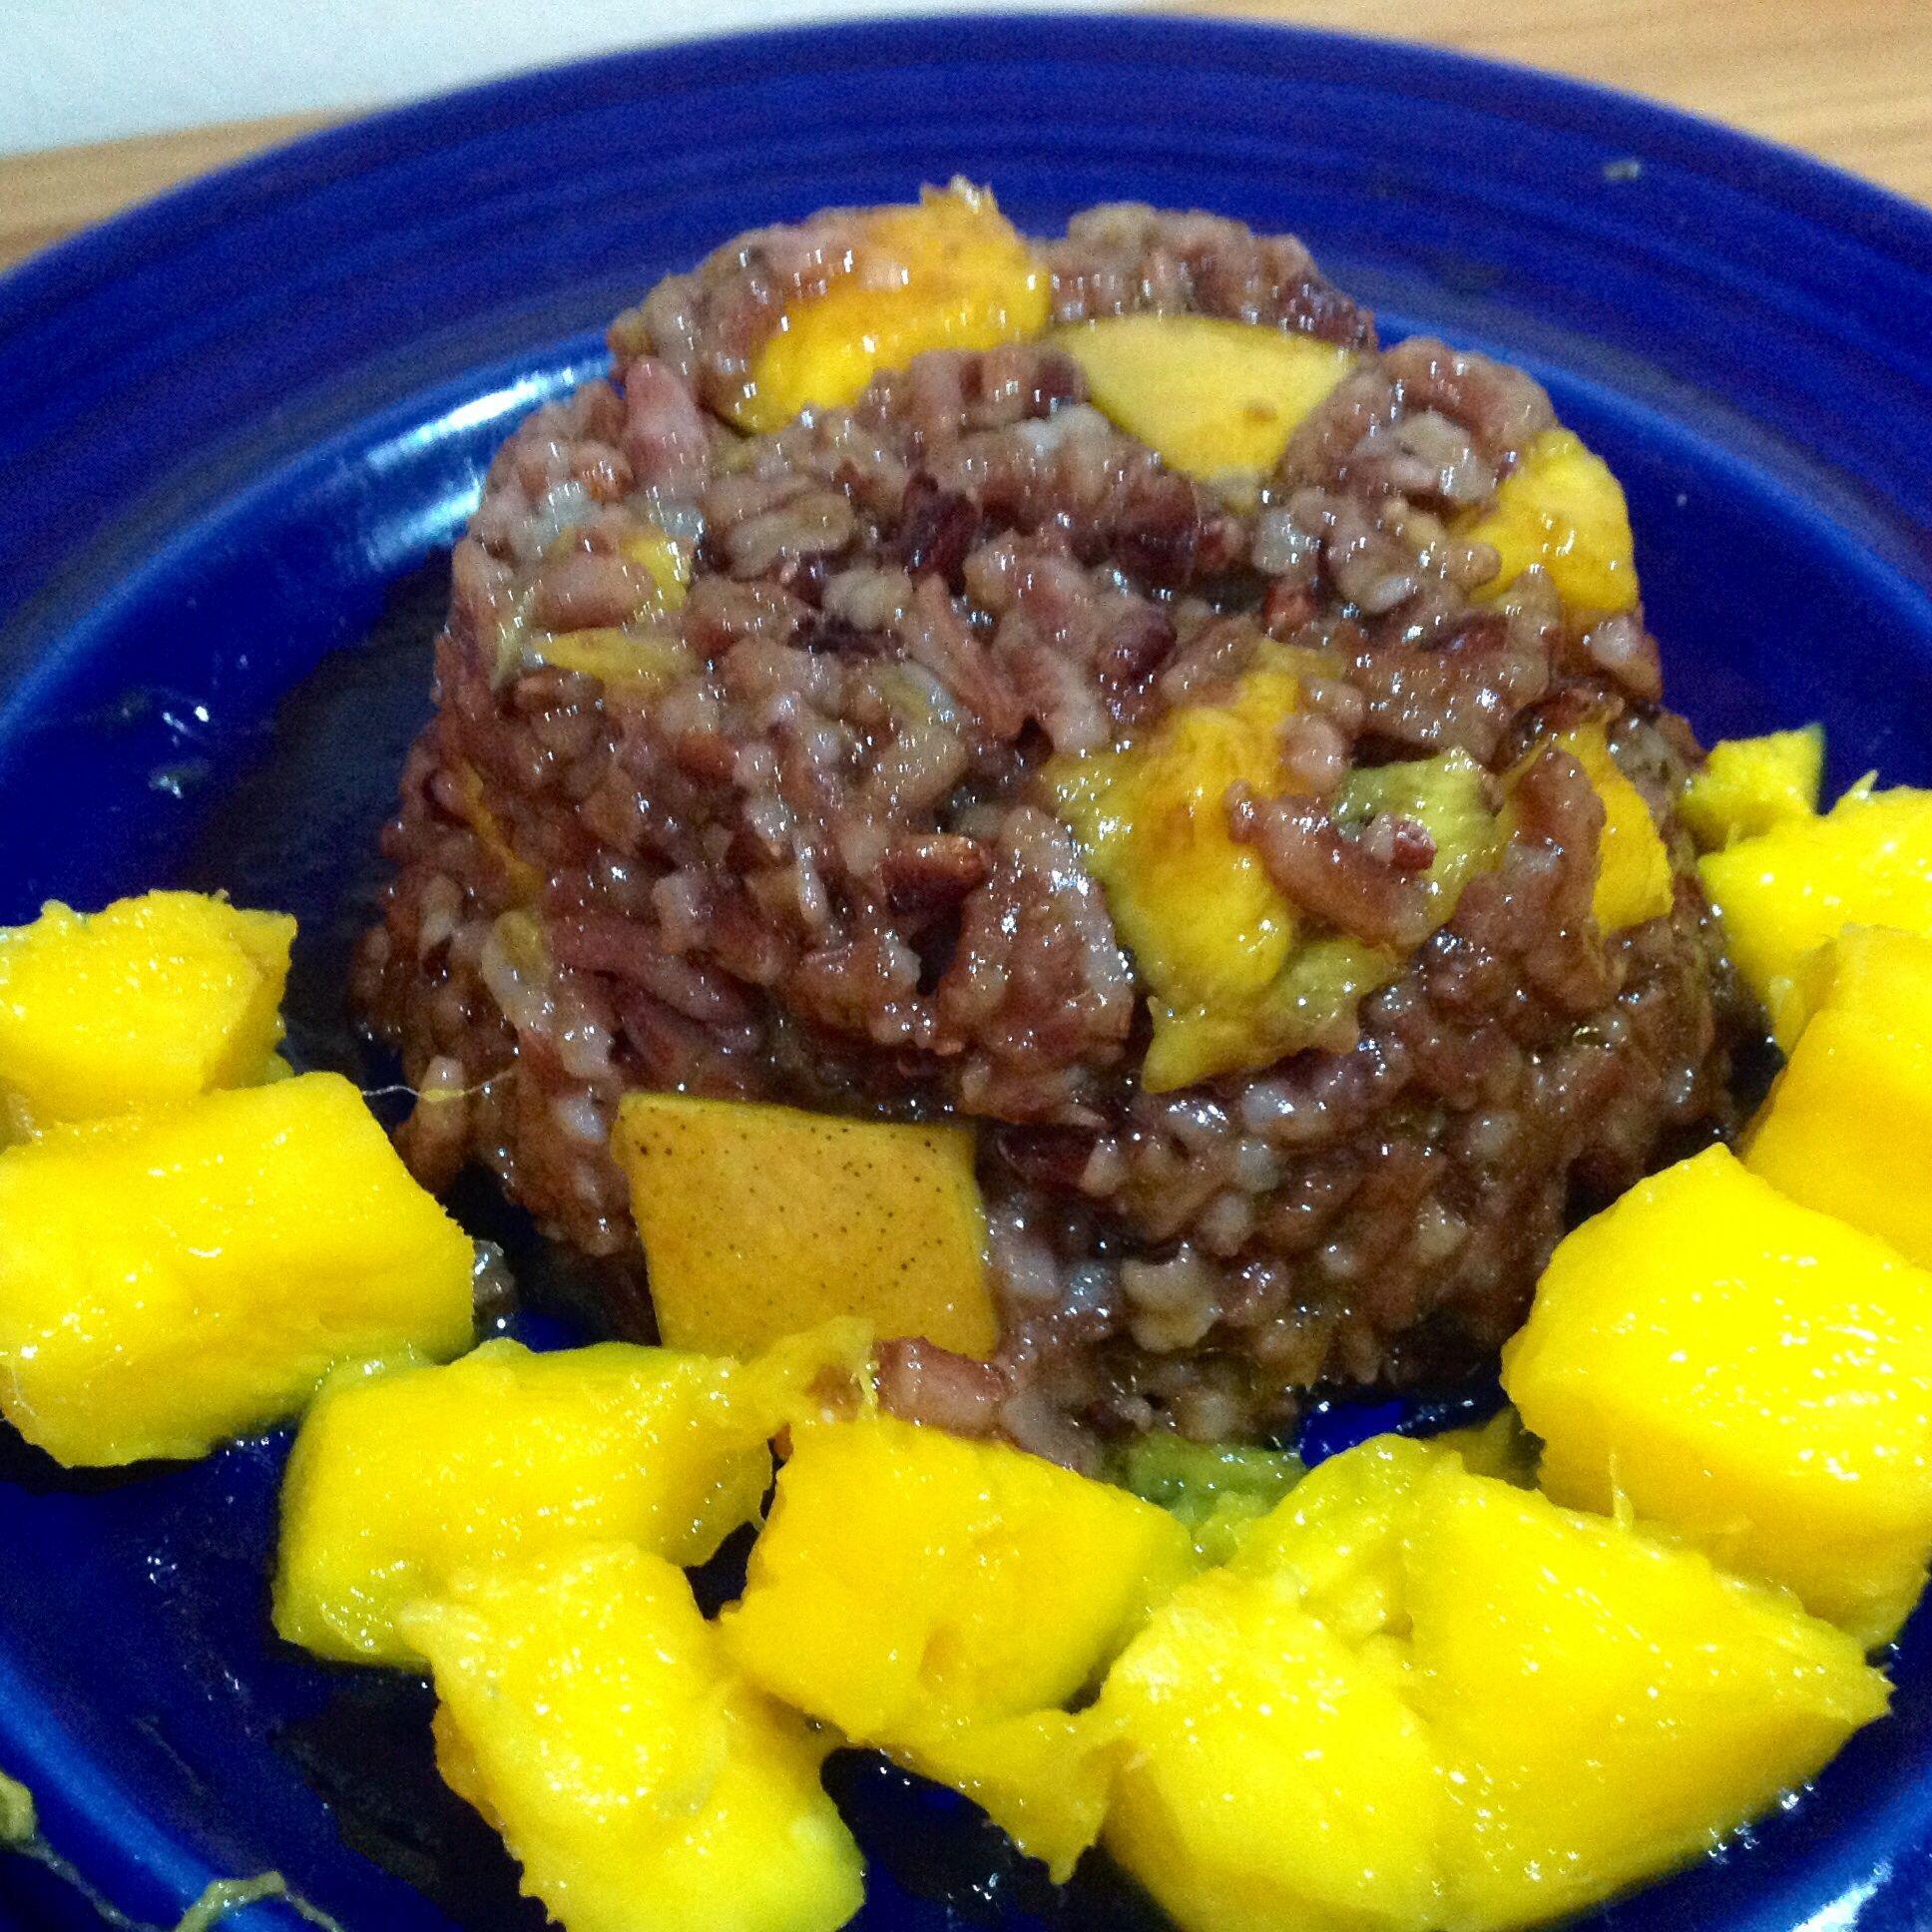 Ensalada arroz con mango